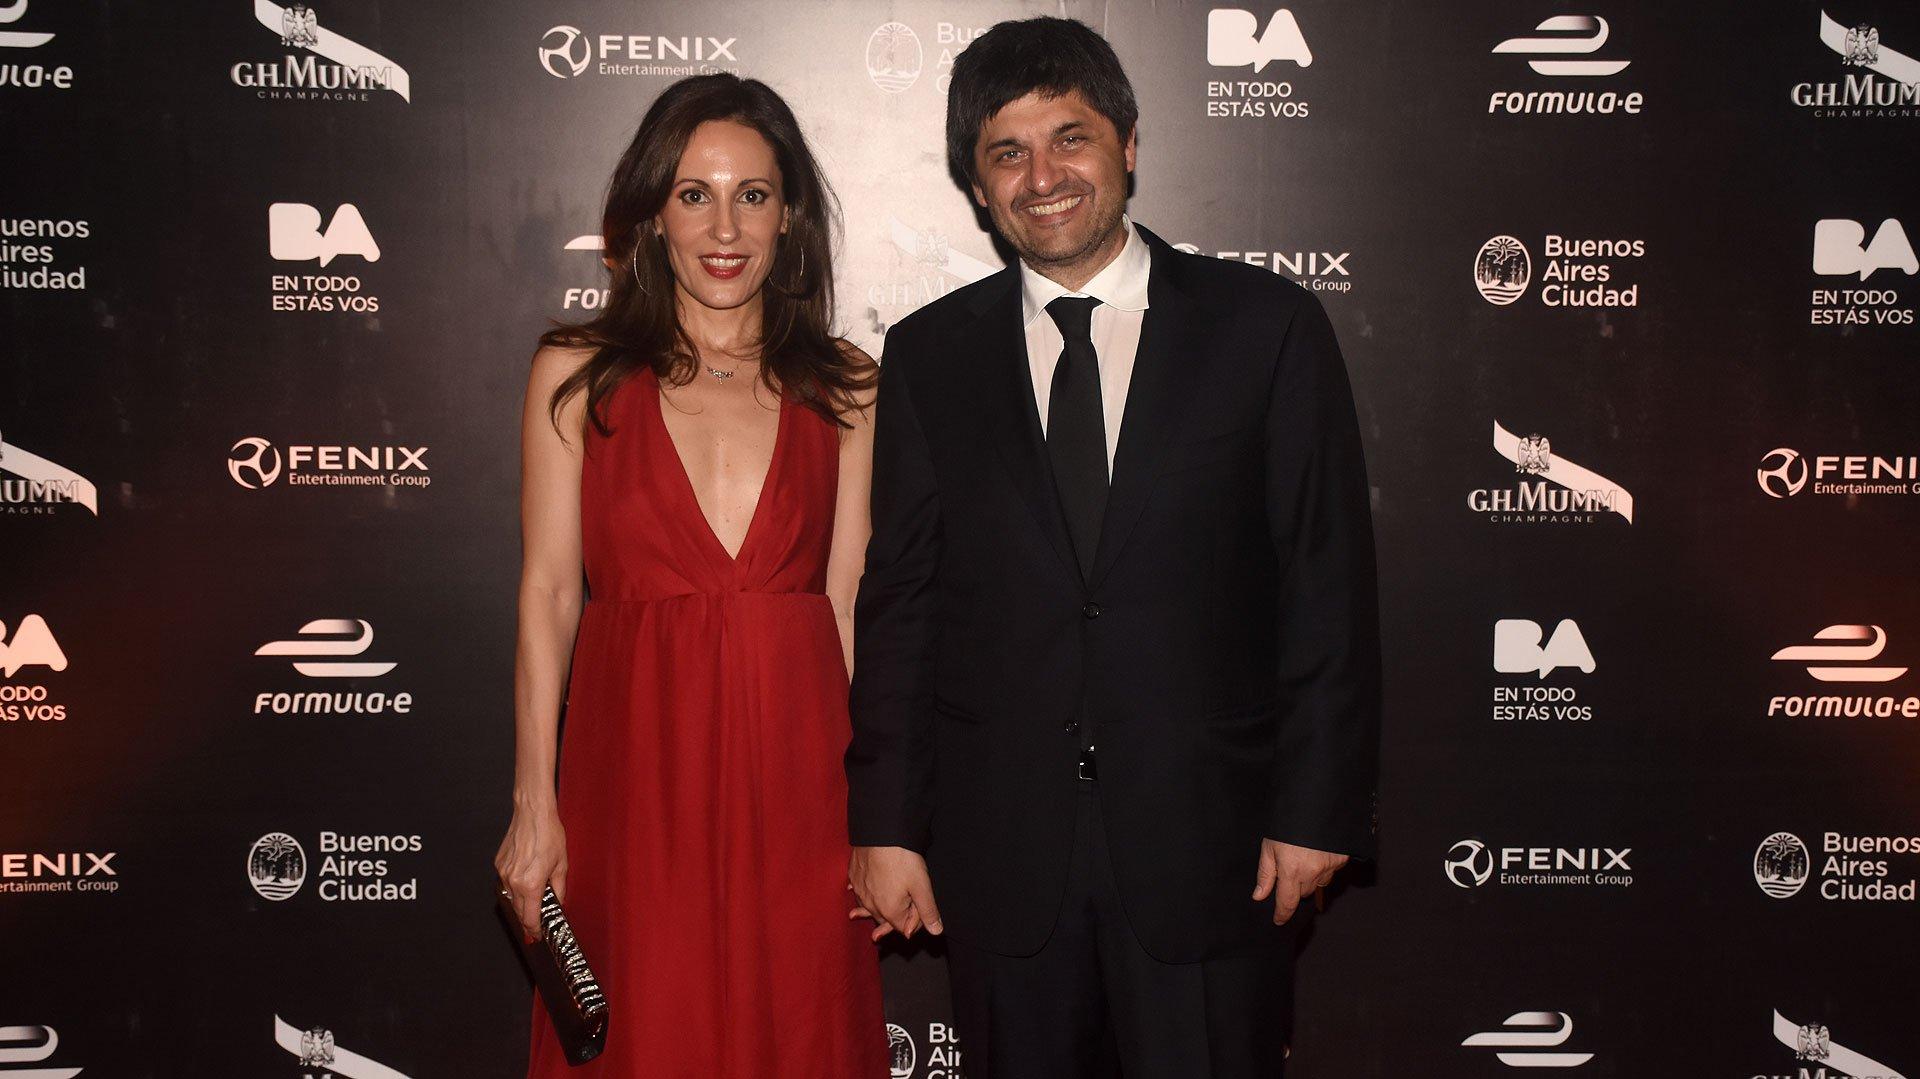 Marcelo Fígoli, propietario de Fenix Entertainment Group, y su esposa Gisela